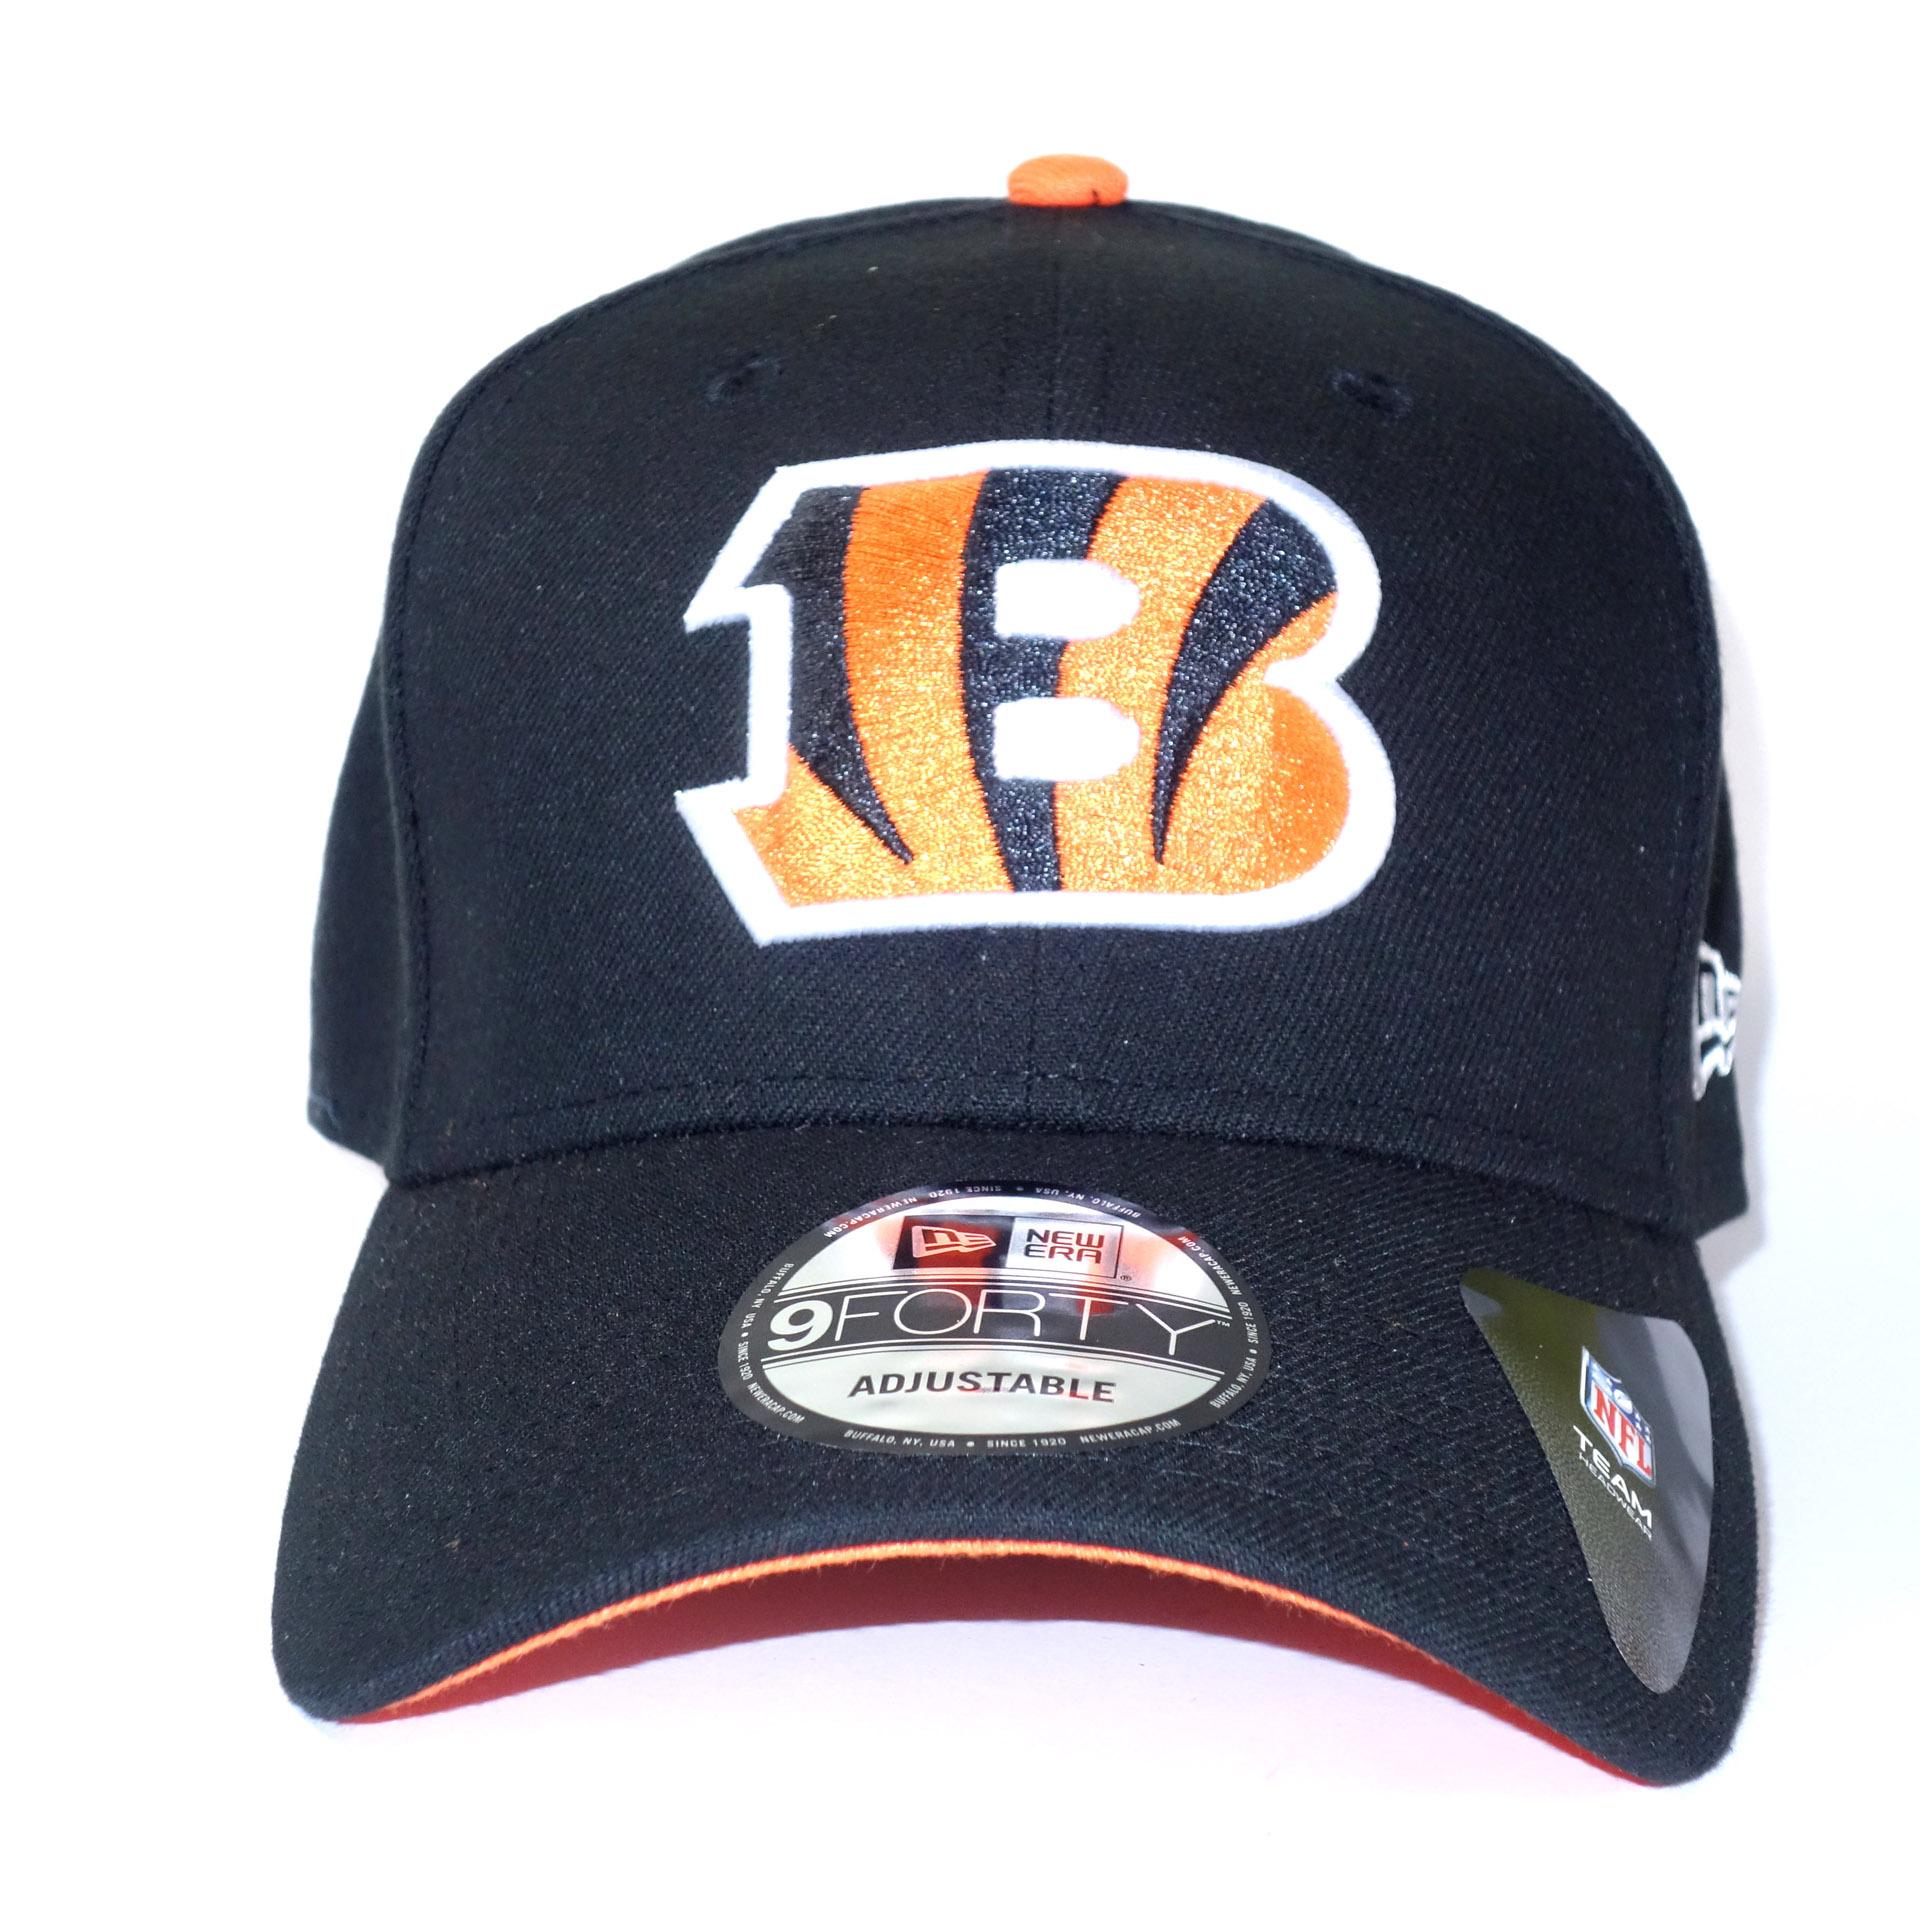 NFL New Era Cap Cincinnati Bengals